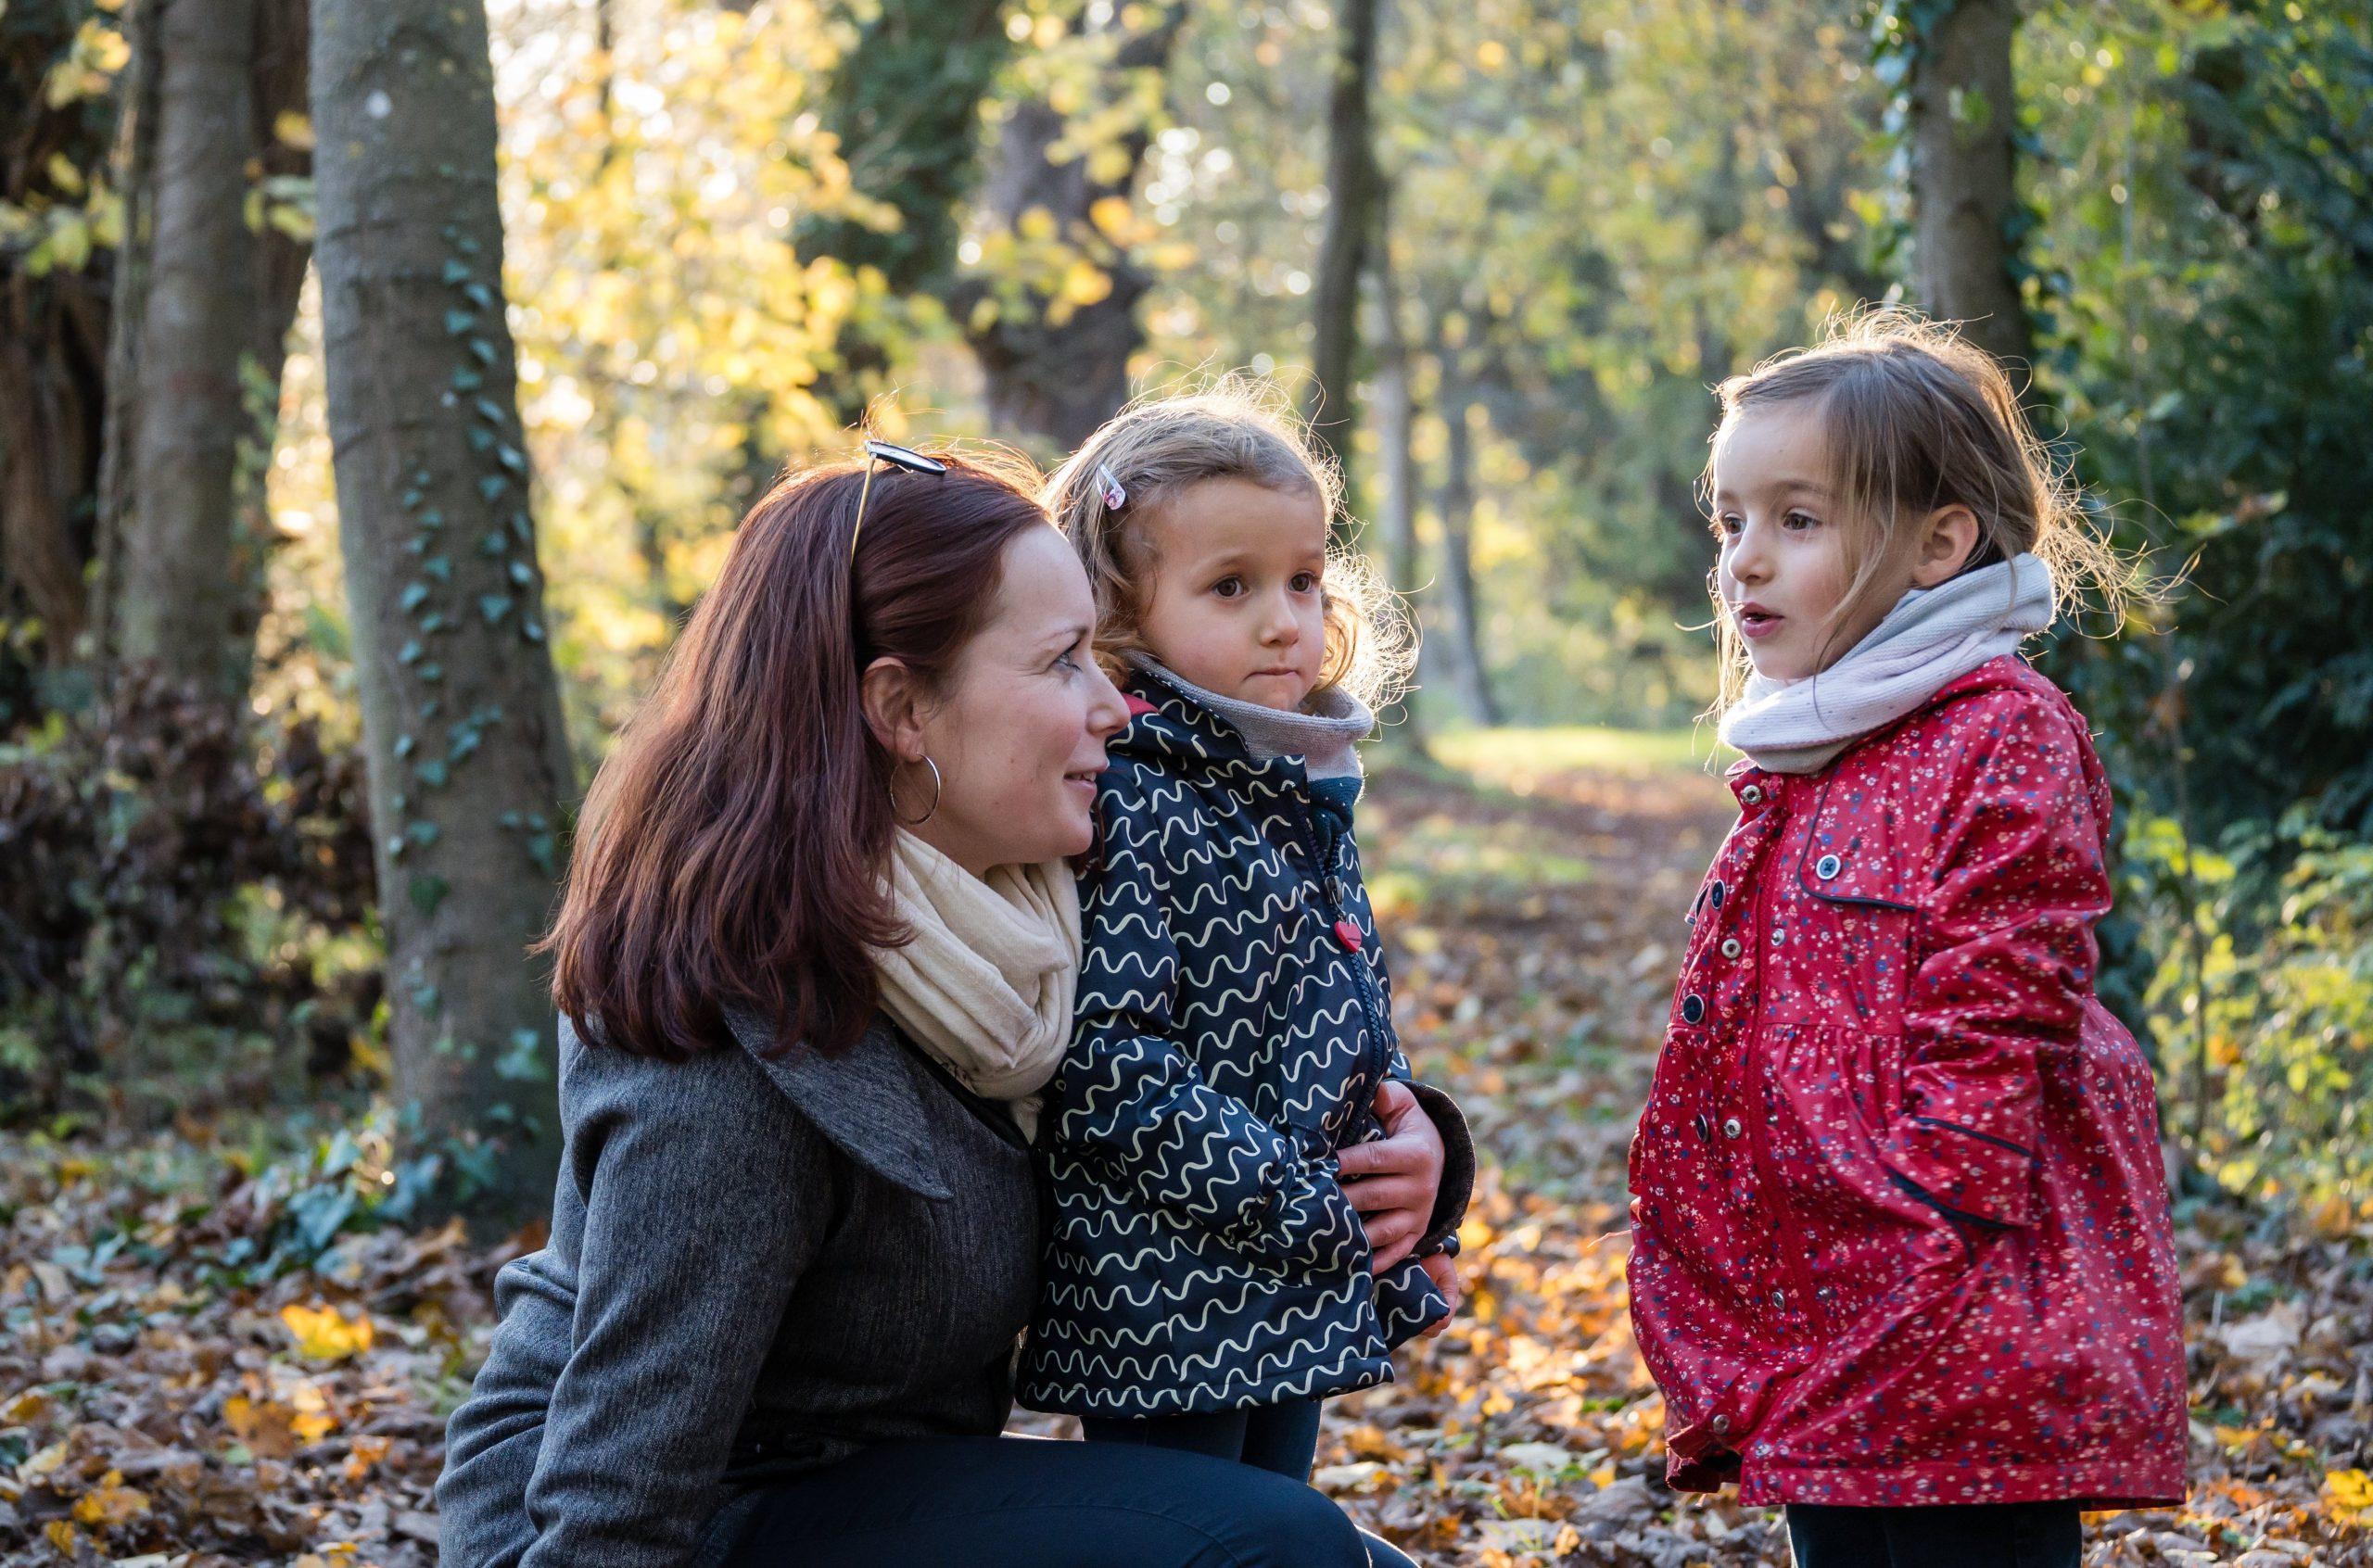 séance photo famille en forêt maman avec ses filles